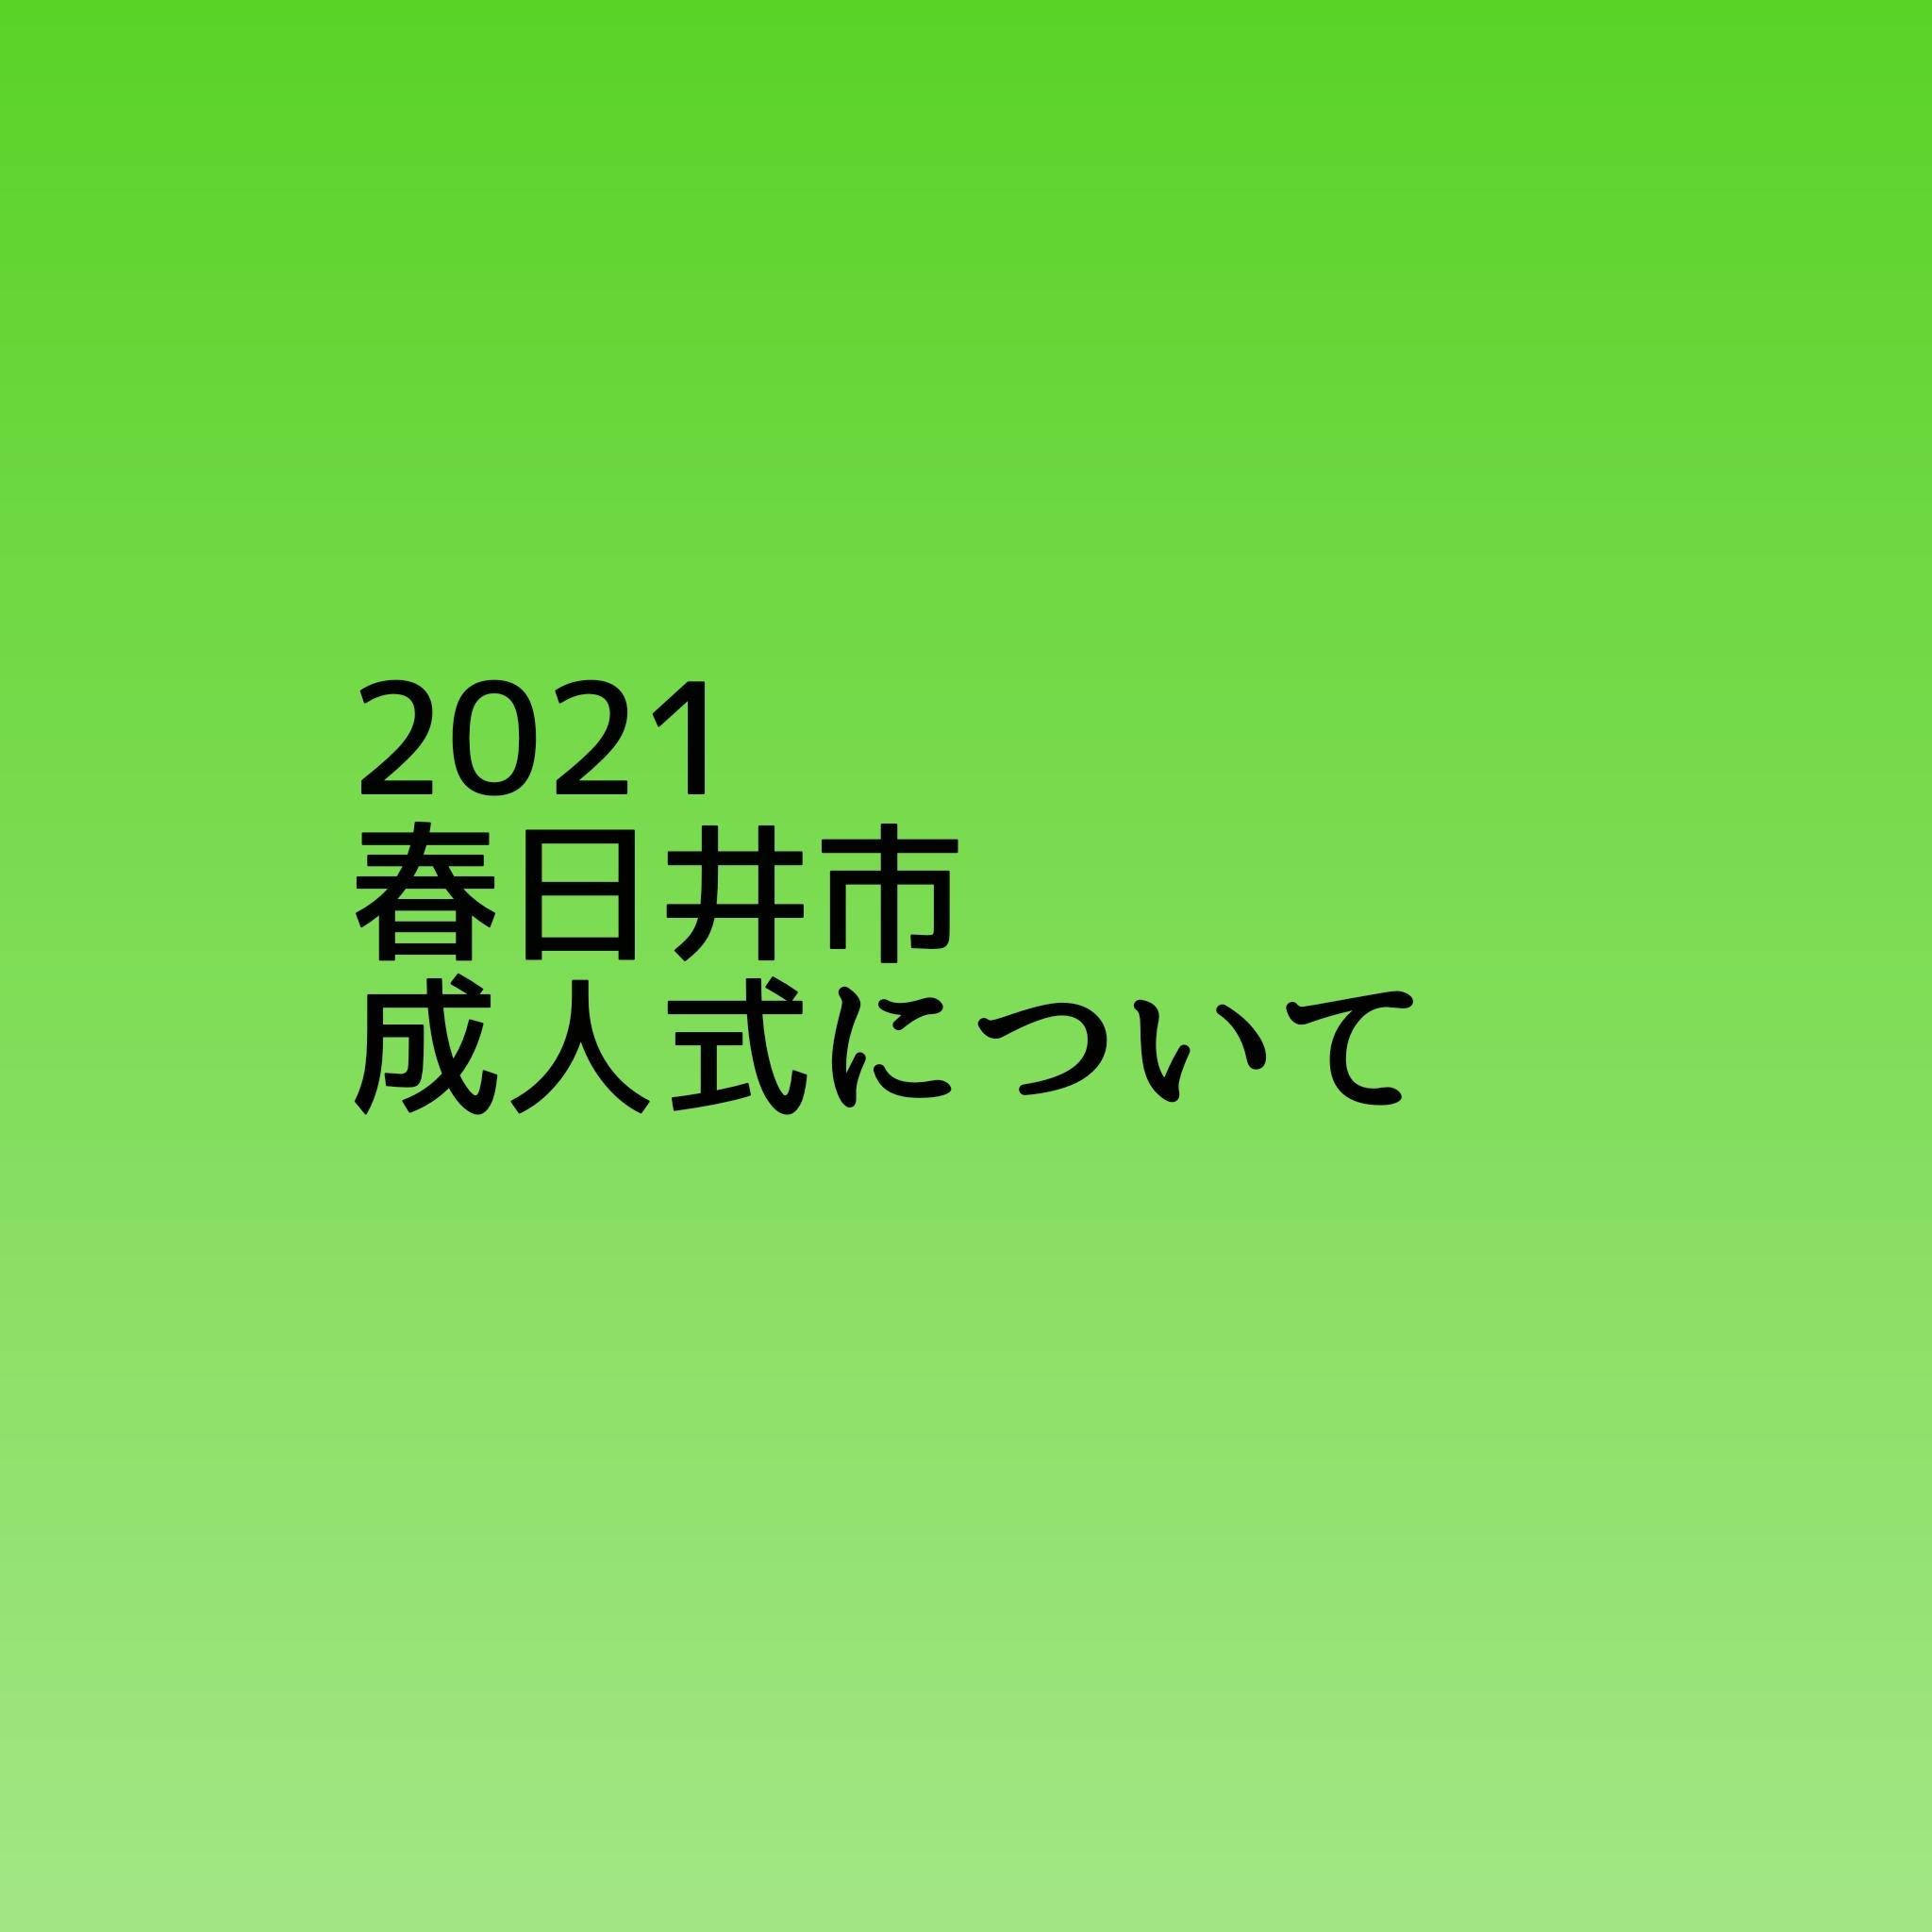 1608793236515.jpg